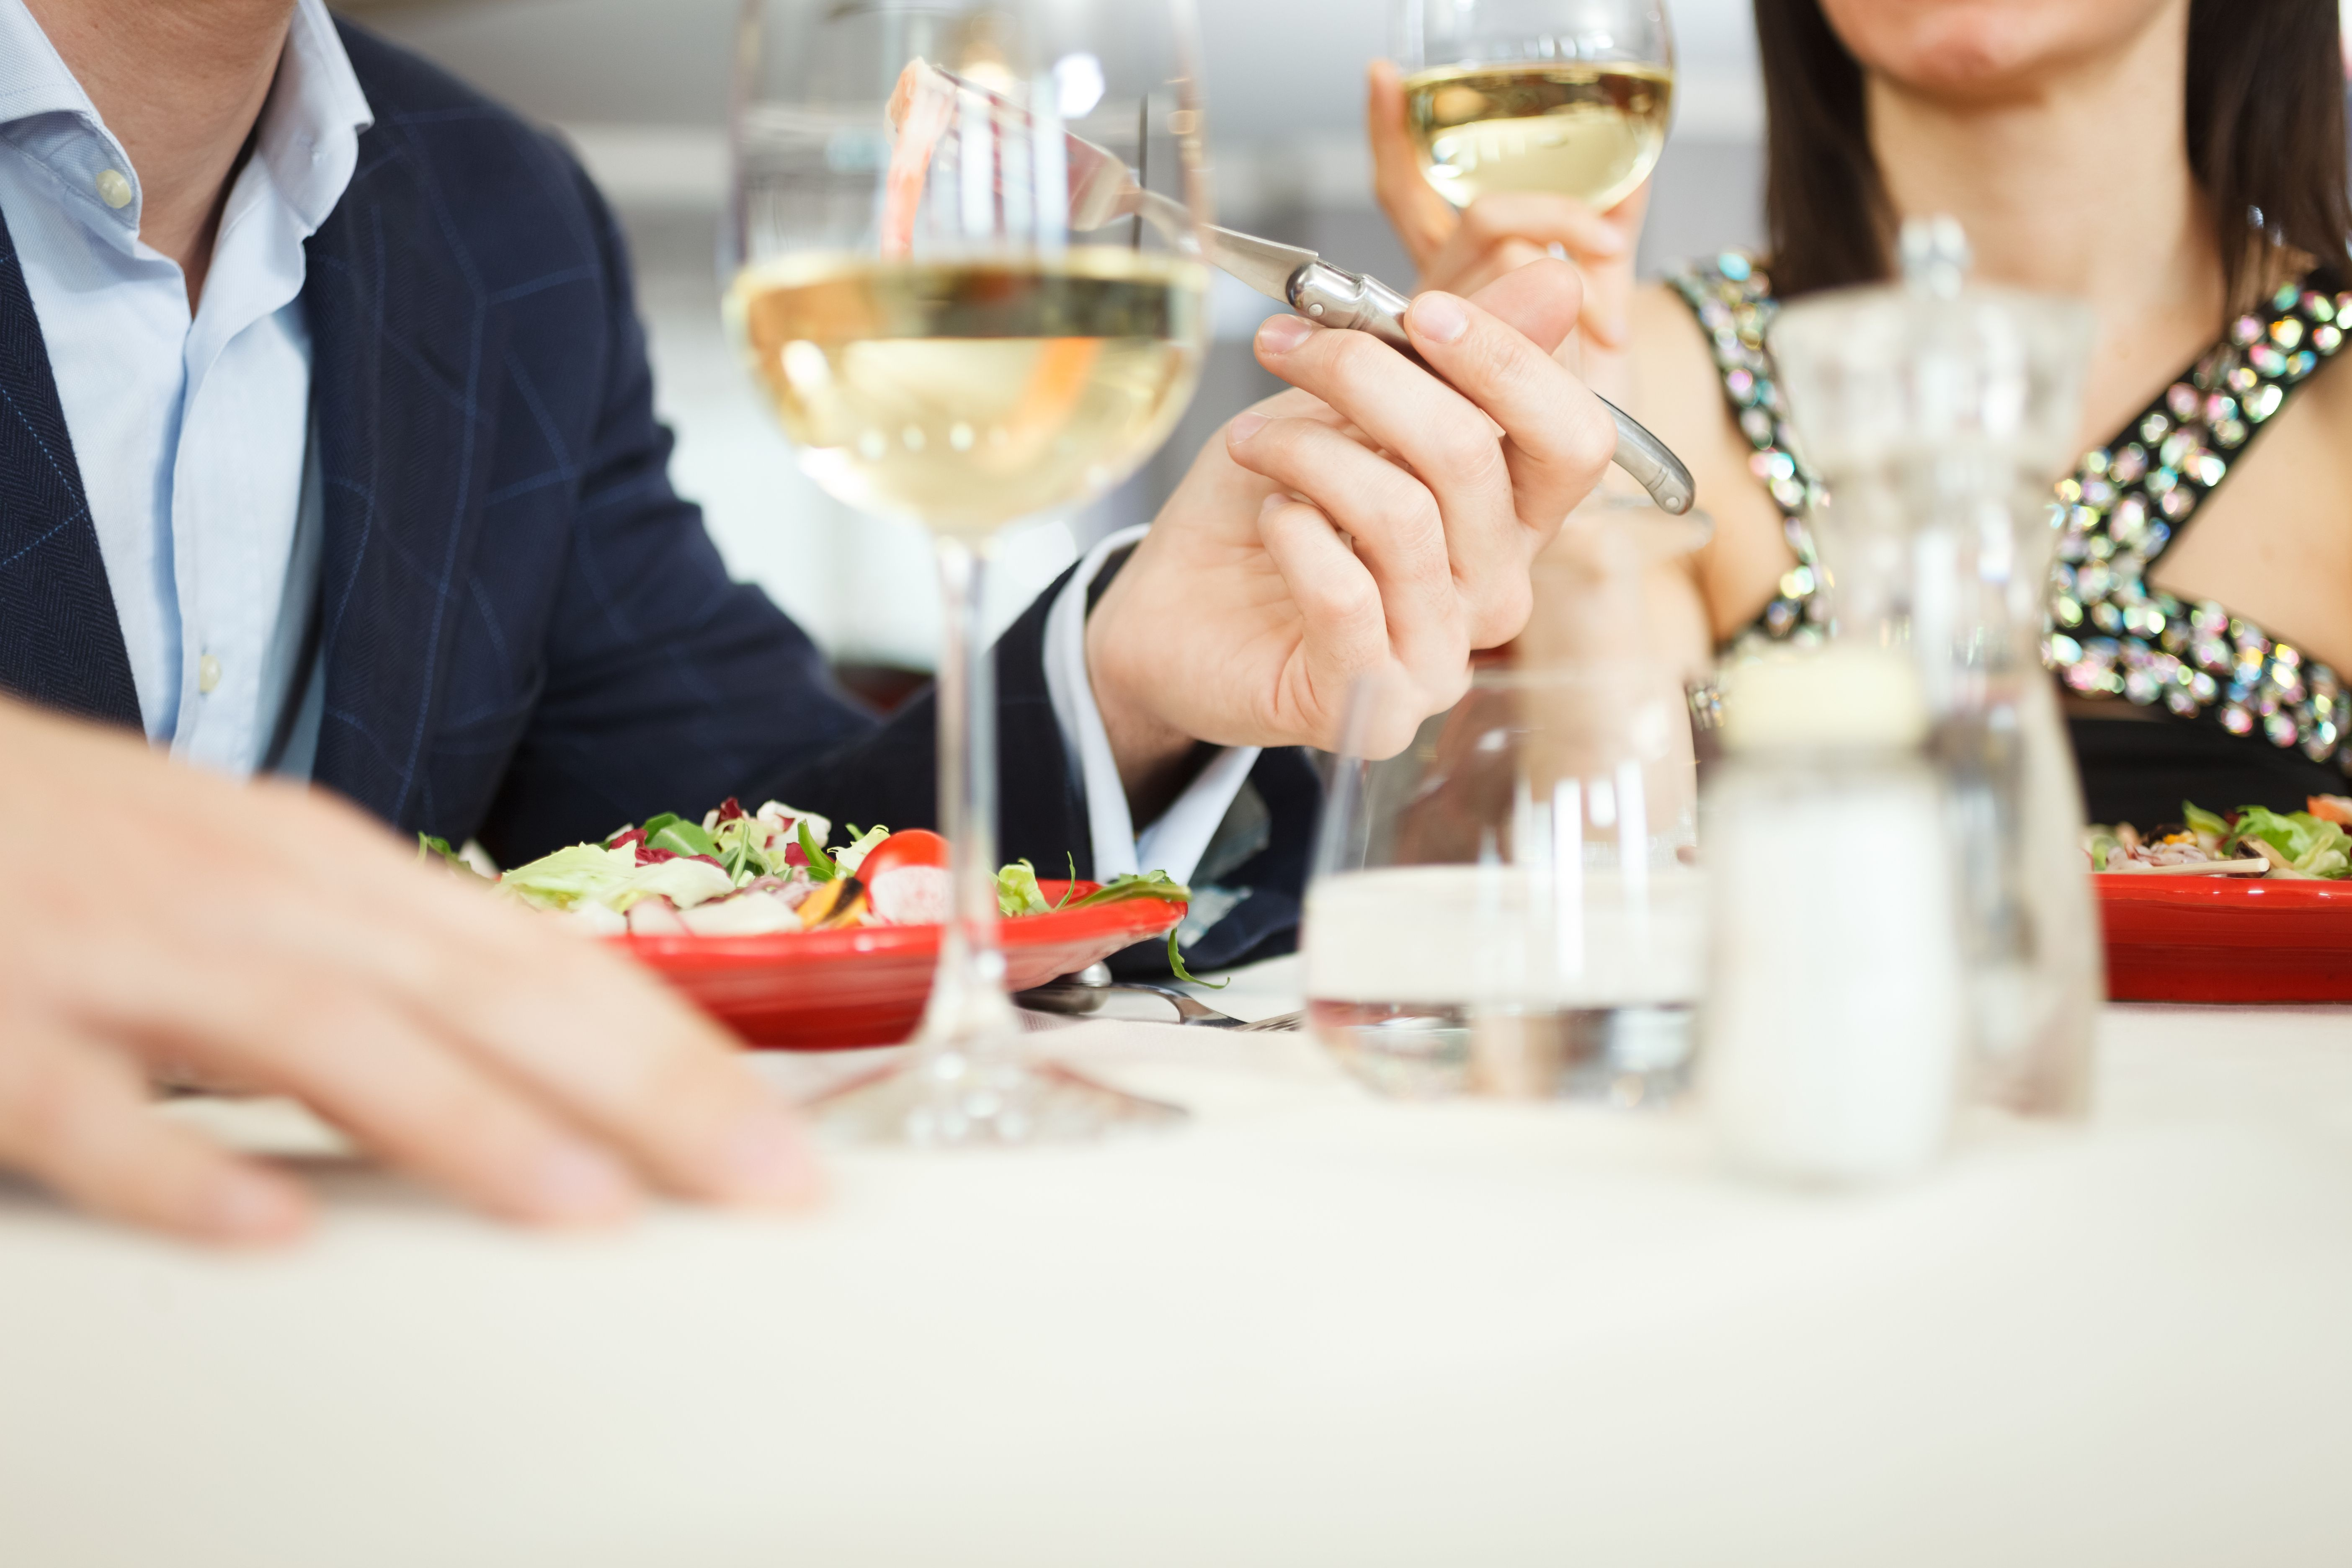 Sabor de Amor. Disfruta en nuestros prestigiosos restaurantes de un menú muy romántico acompañado de vino y cava. 💕 Sabor de Amor. Enjoy in our prestigious restaurants a very romantic menu with wine and champagne. #foodie #tasty #love